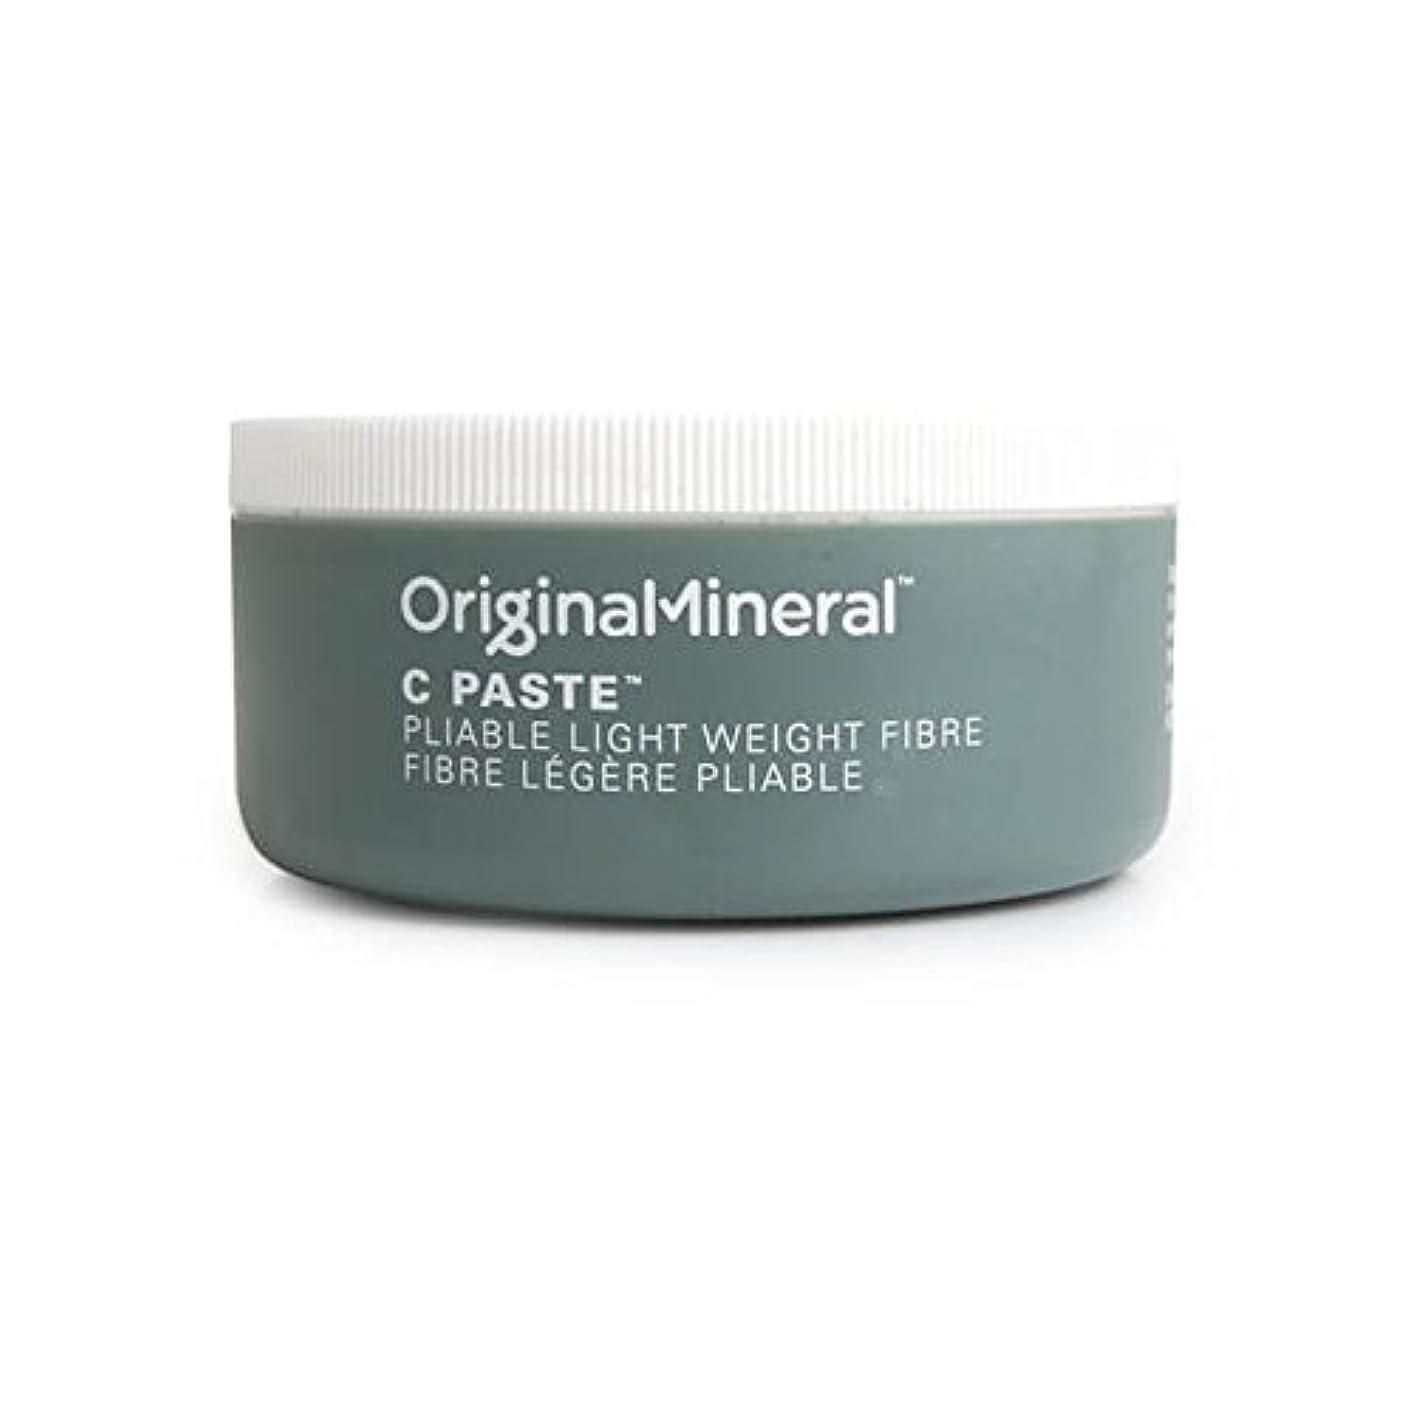 流用する加害者乞食オリジナル&ミネラルの-ペーストヘアワックス(100グラム) x2 - Original & Mineral C-Paste Hair Wax (100G) (Pack of 2) [並行輸入品]